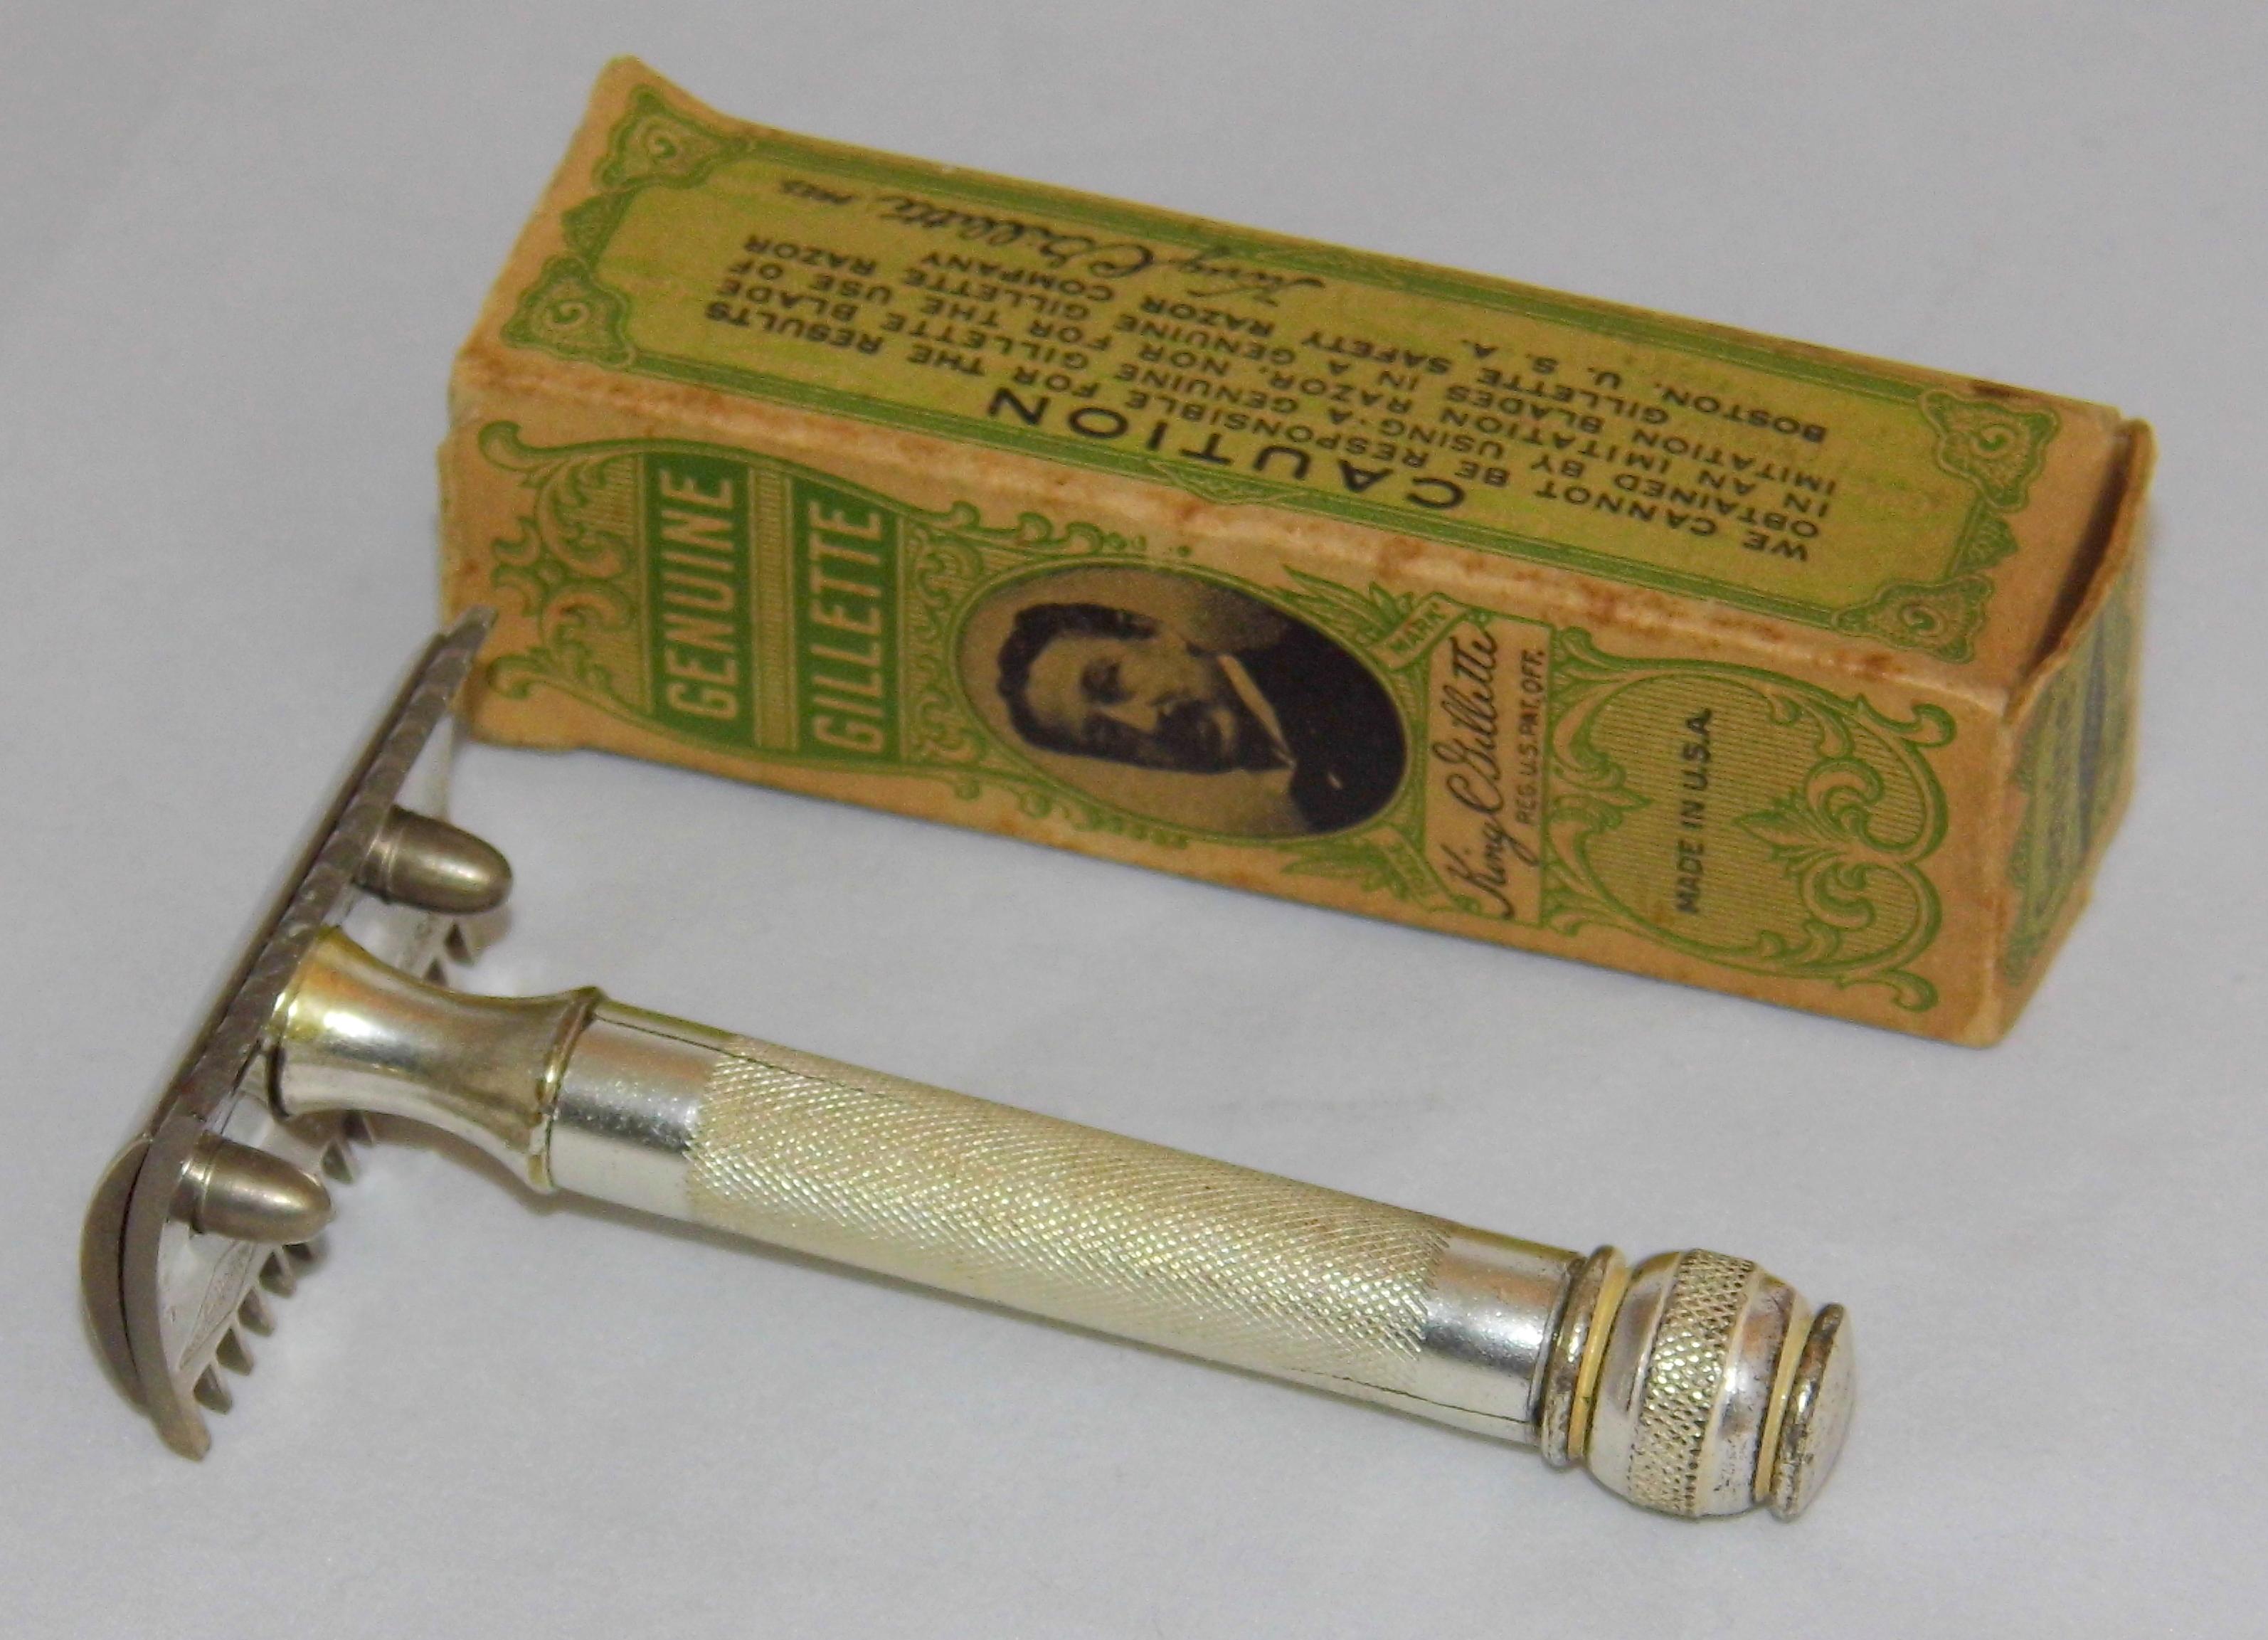 Vintage gillette blades